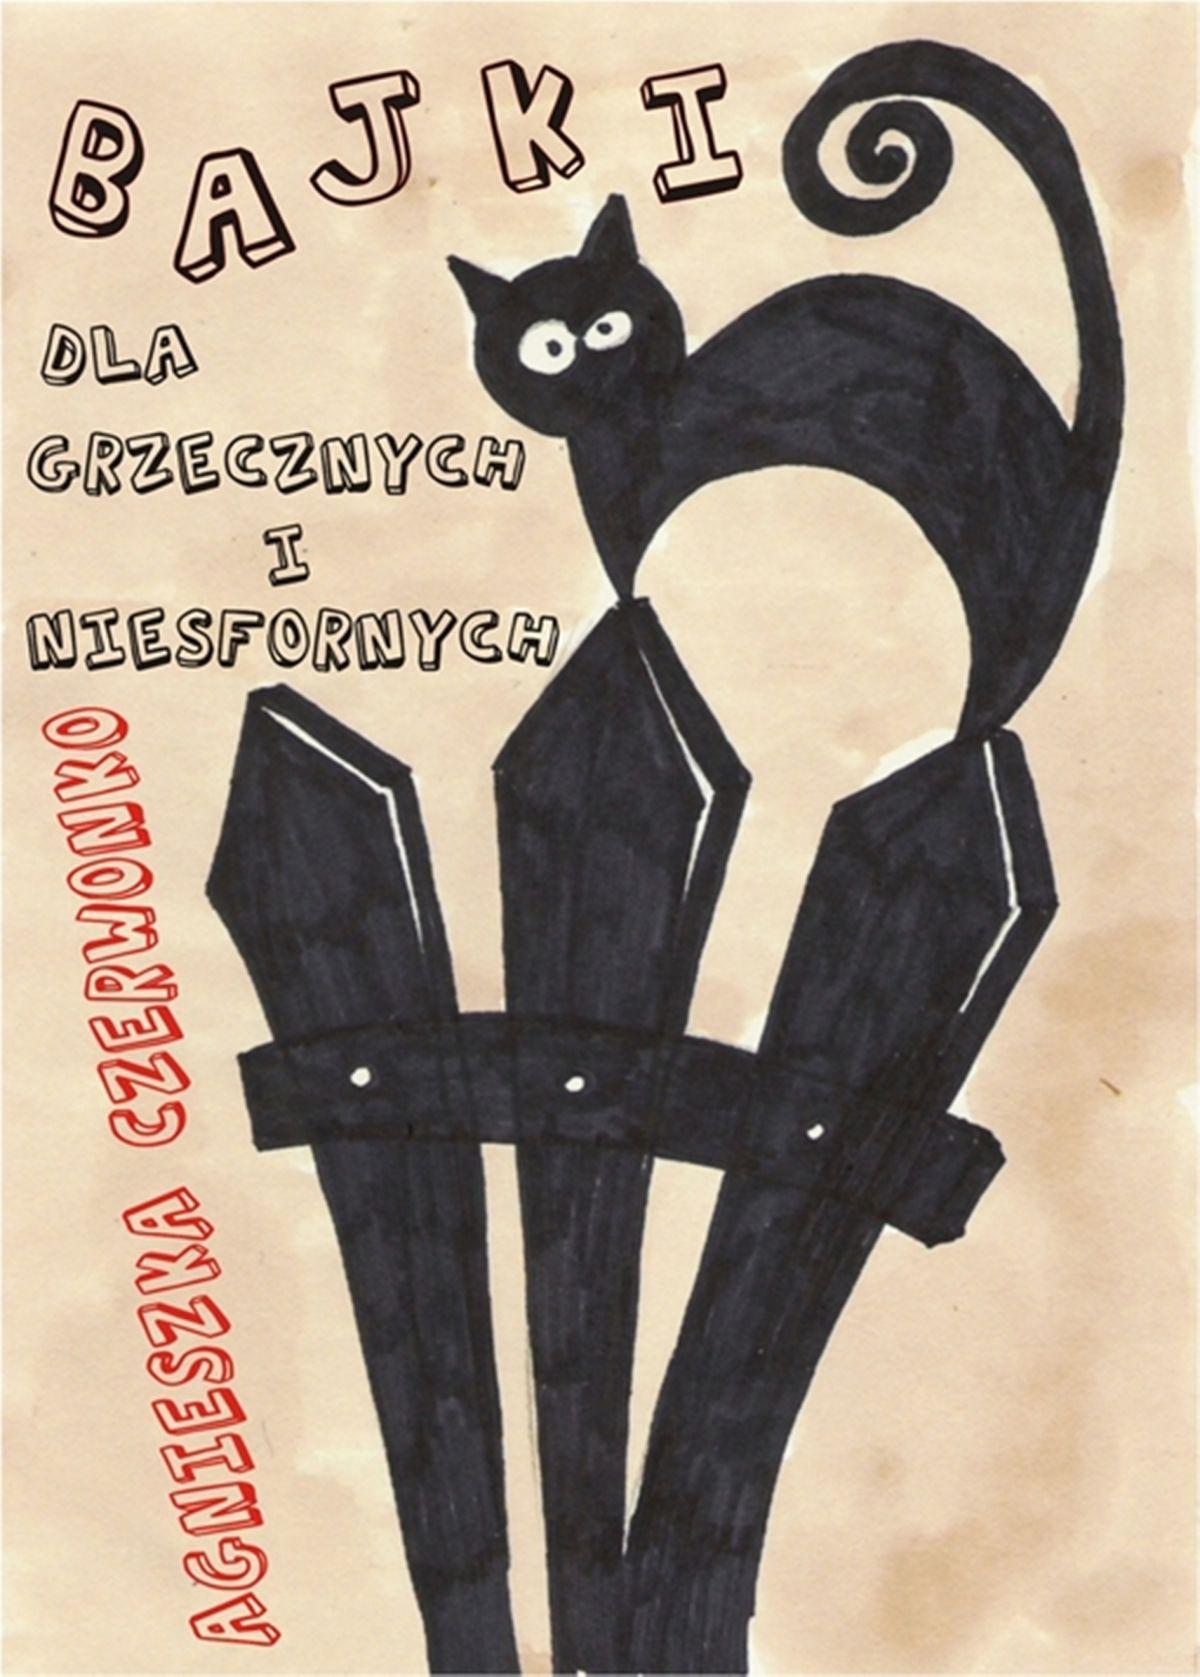 Bajki dla grzecznych i niesfornych - Audiobook (Książka audio MP3) do pobrania w całości w archiwum ZIP